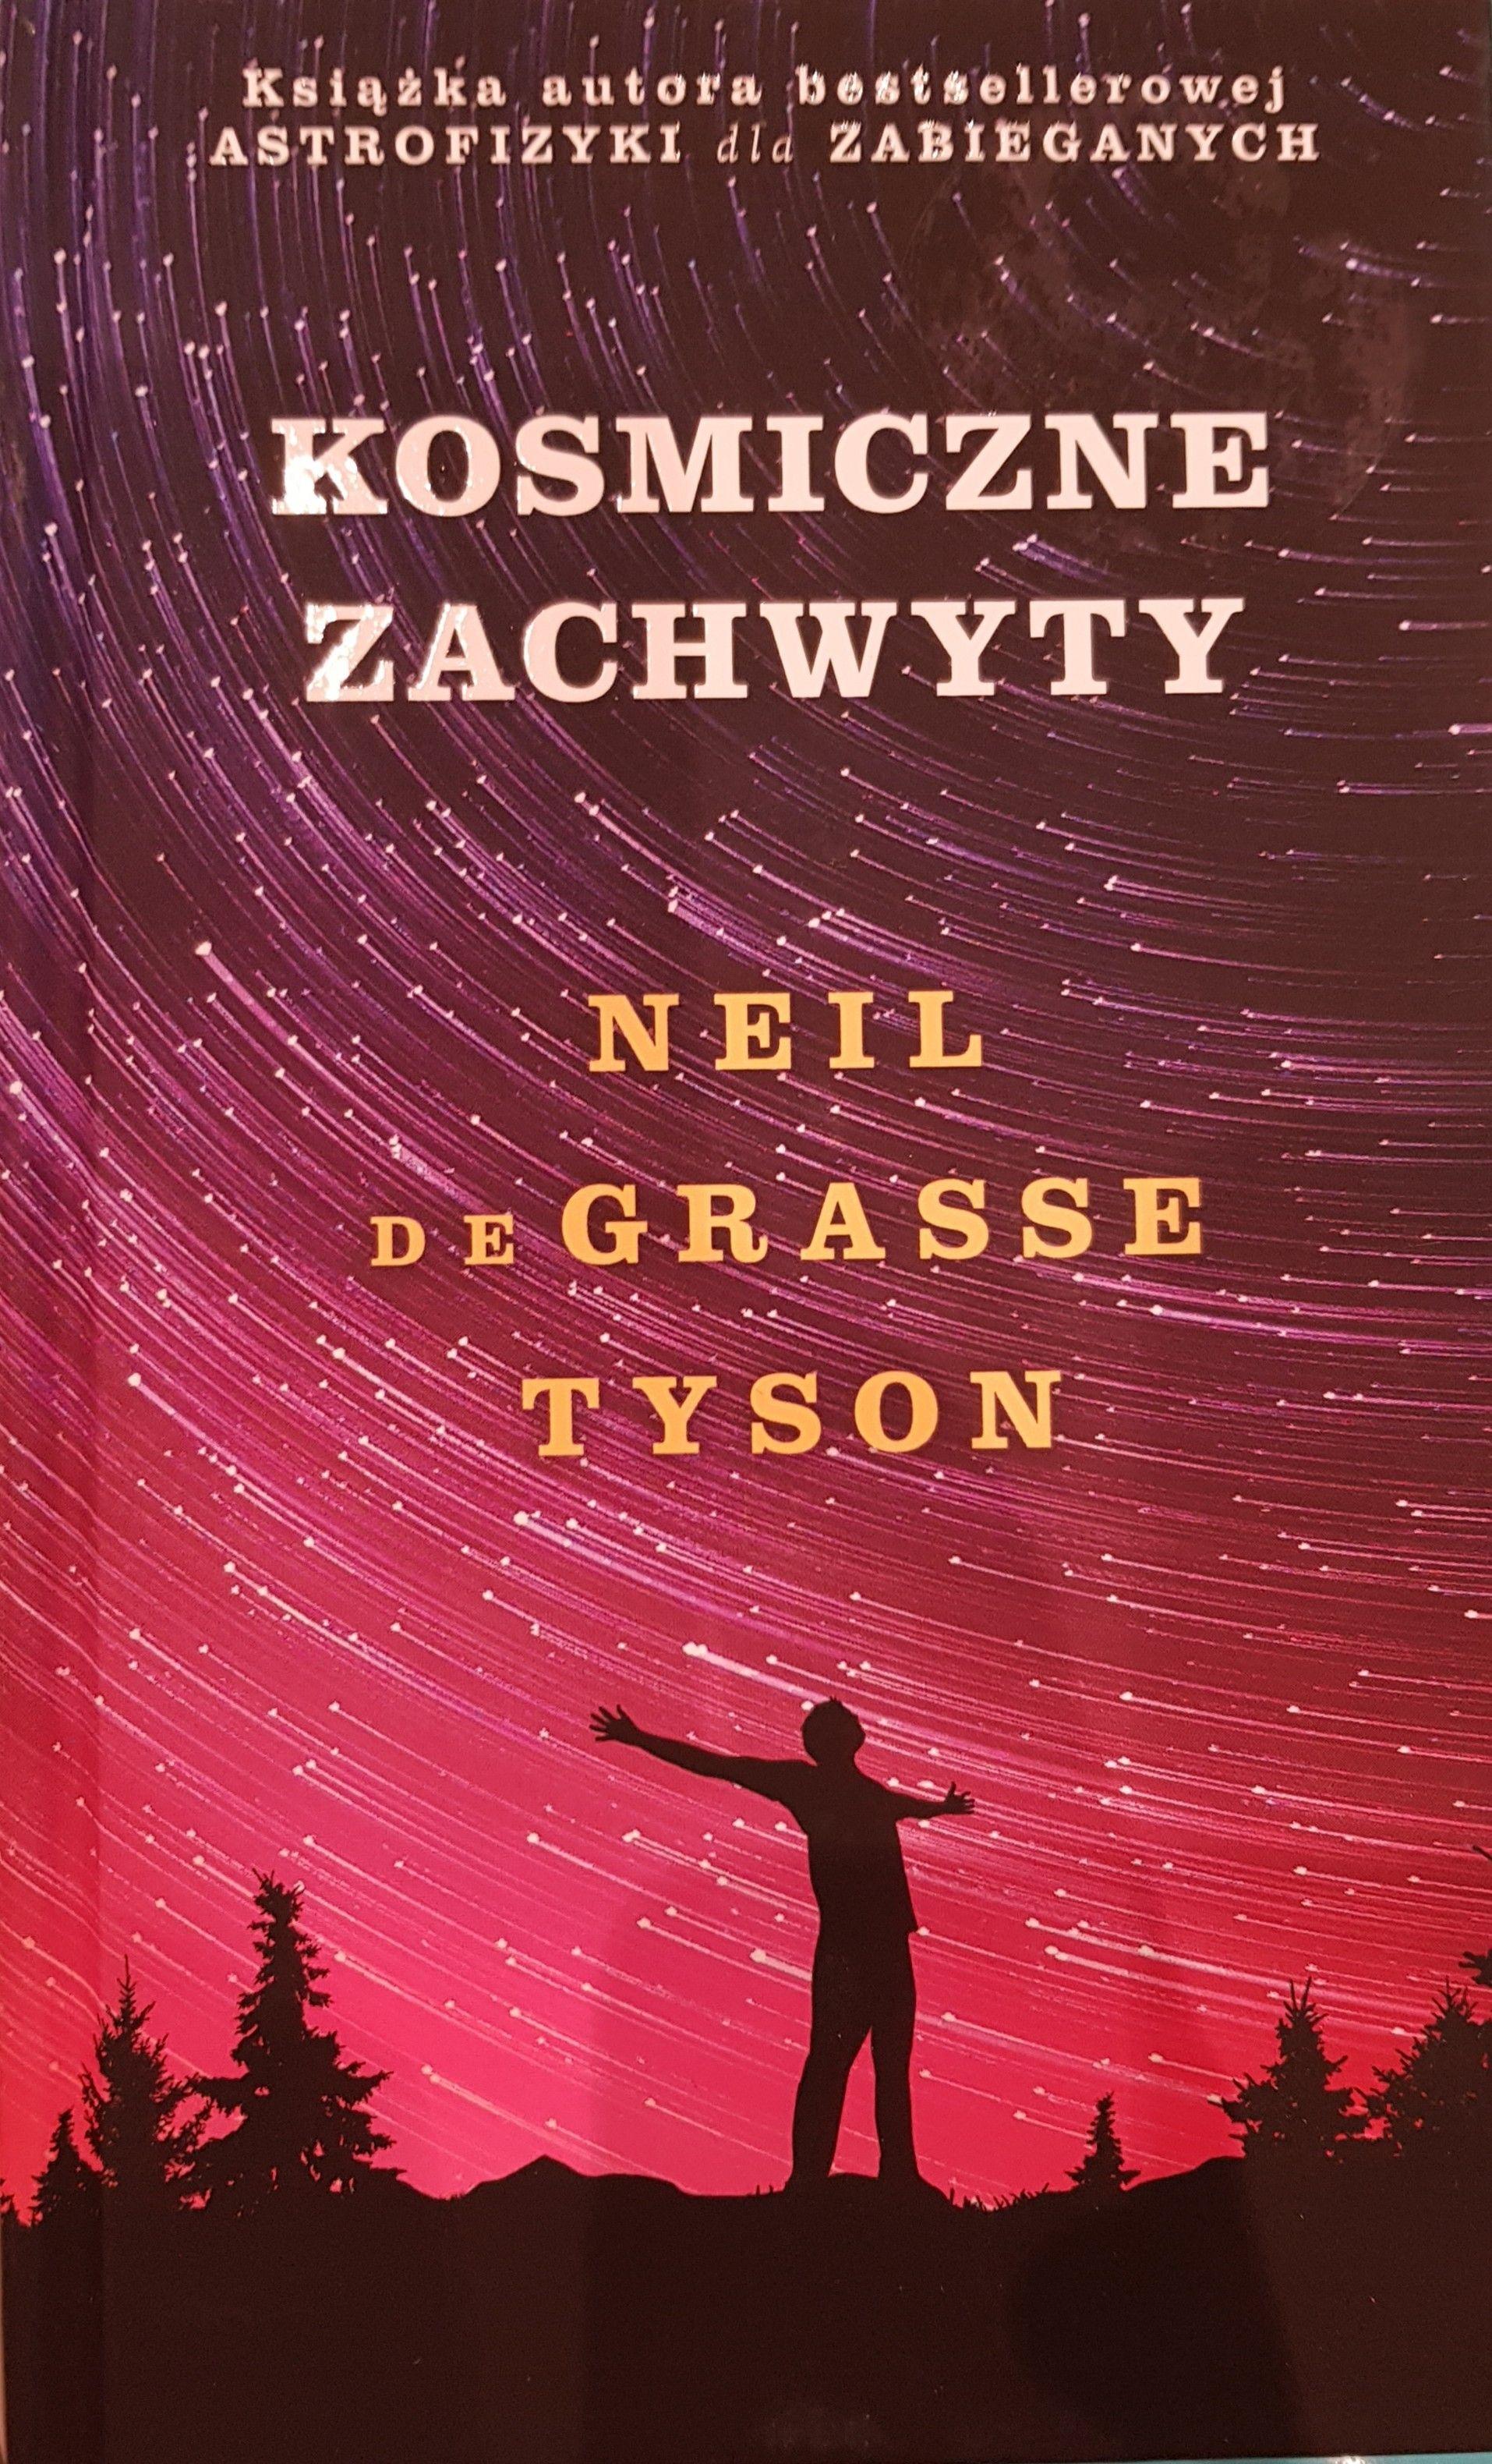 """Książka """"Kosmiczne zachwyty"""" Neila De Grassse Tysona w Empiku dla posiadaczy aplikacji Mój Empik"""